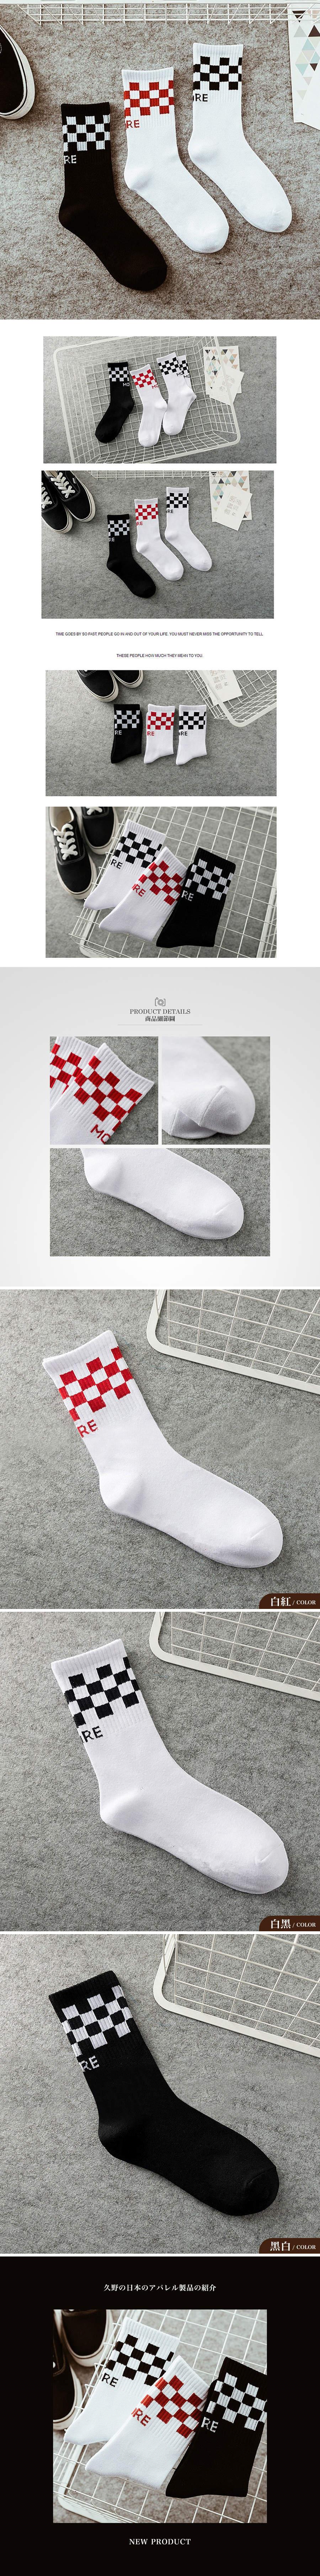 棋盤格紋造型中筒襪